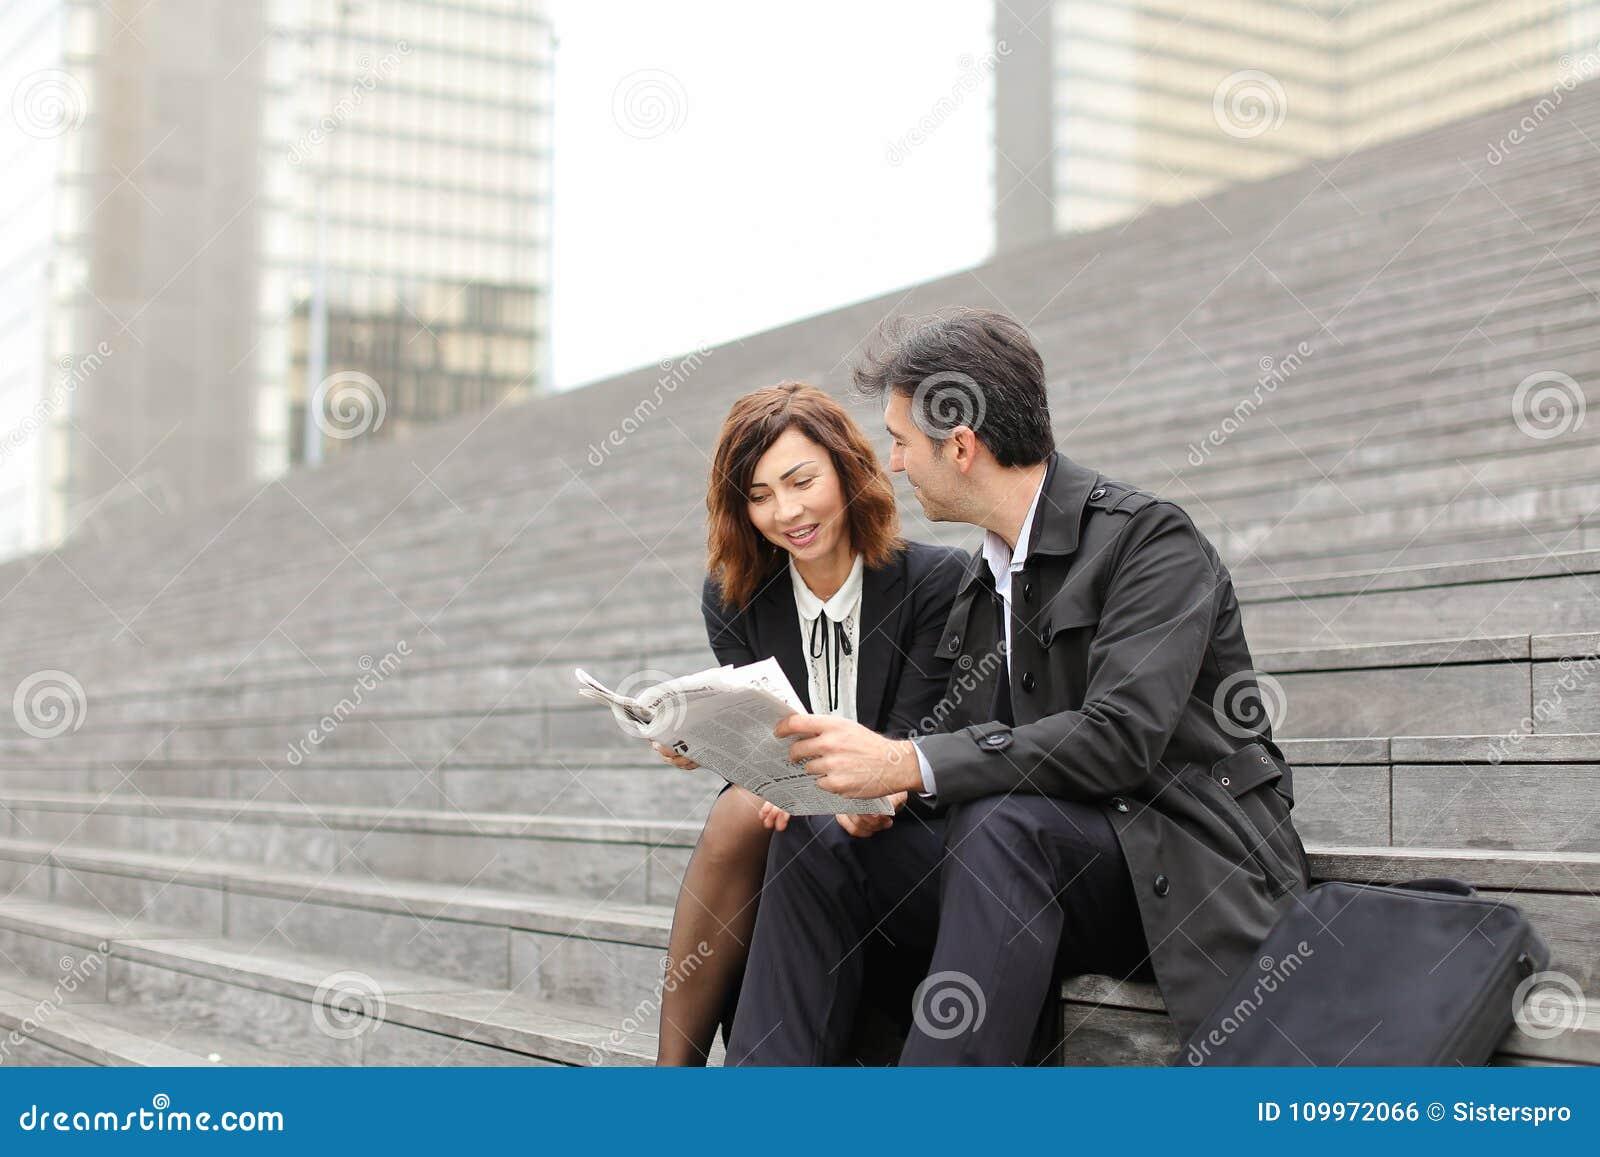 Inżyniery samiec i kobieta czytelniczy artykuł o firmie wewnątrz